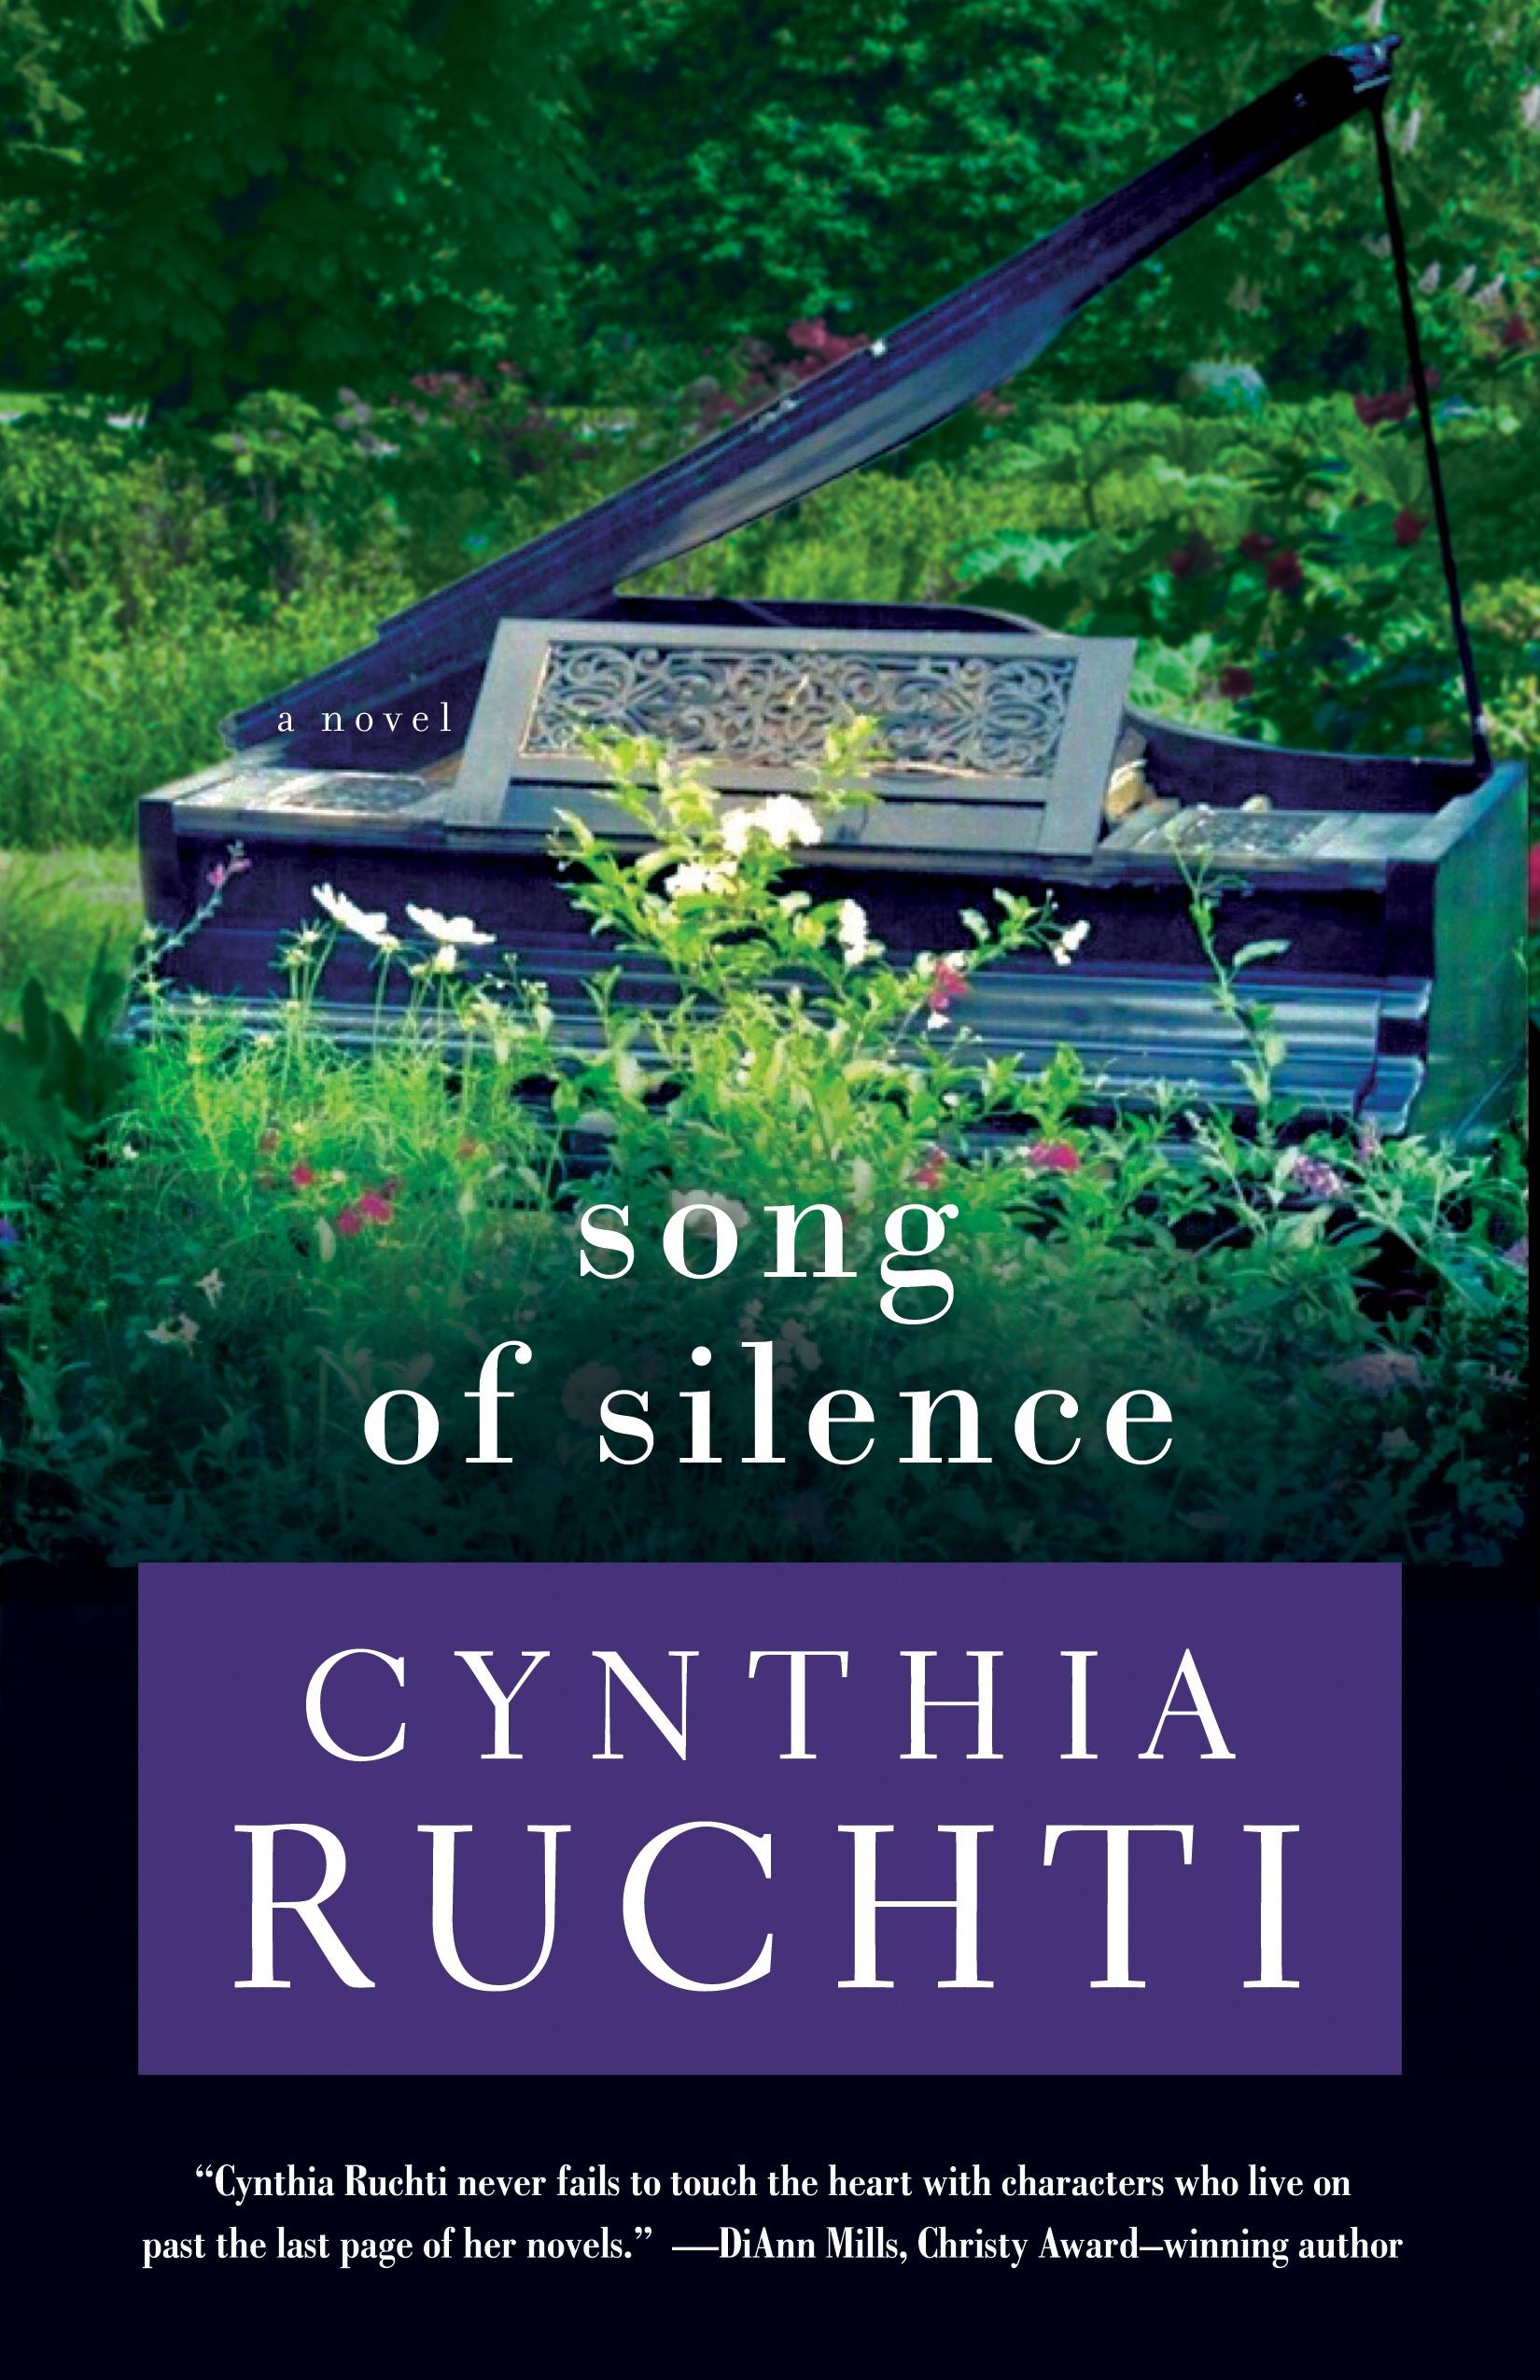 1 SongofSilence_Final